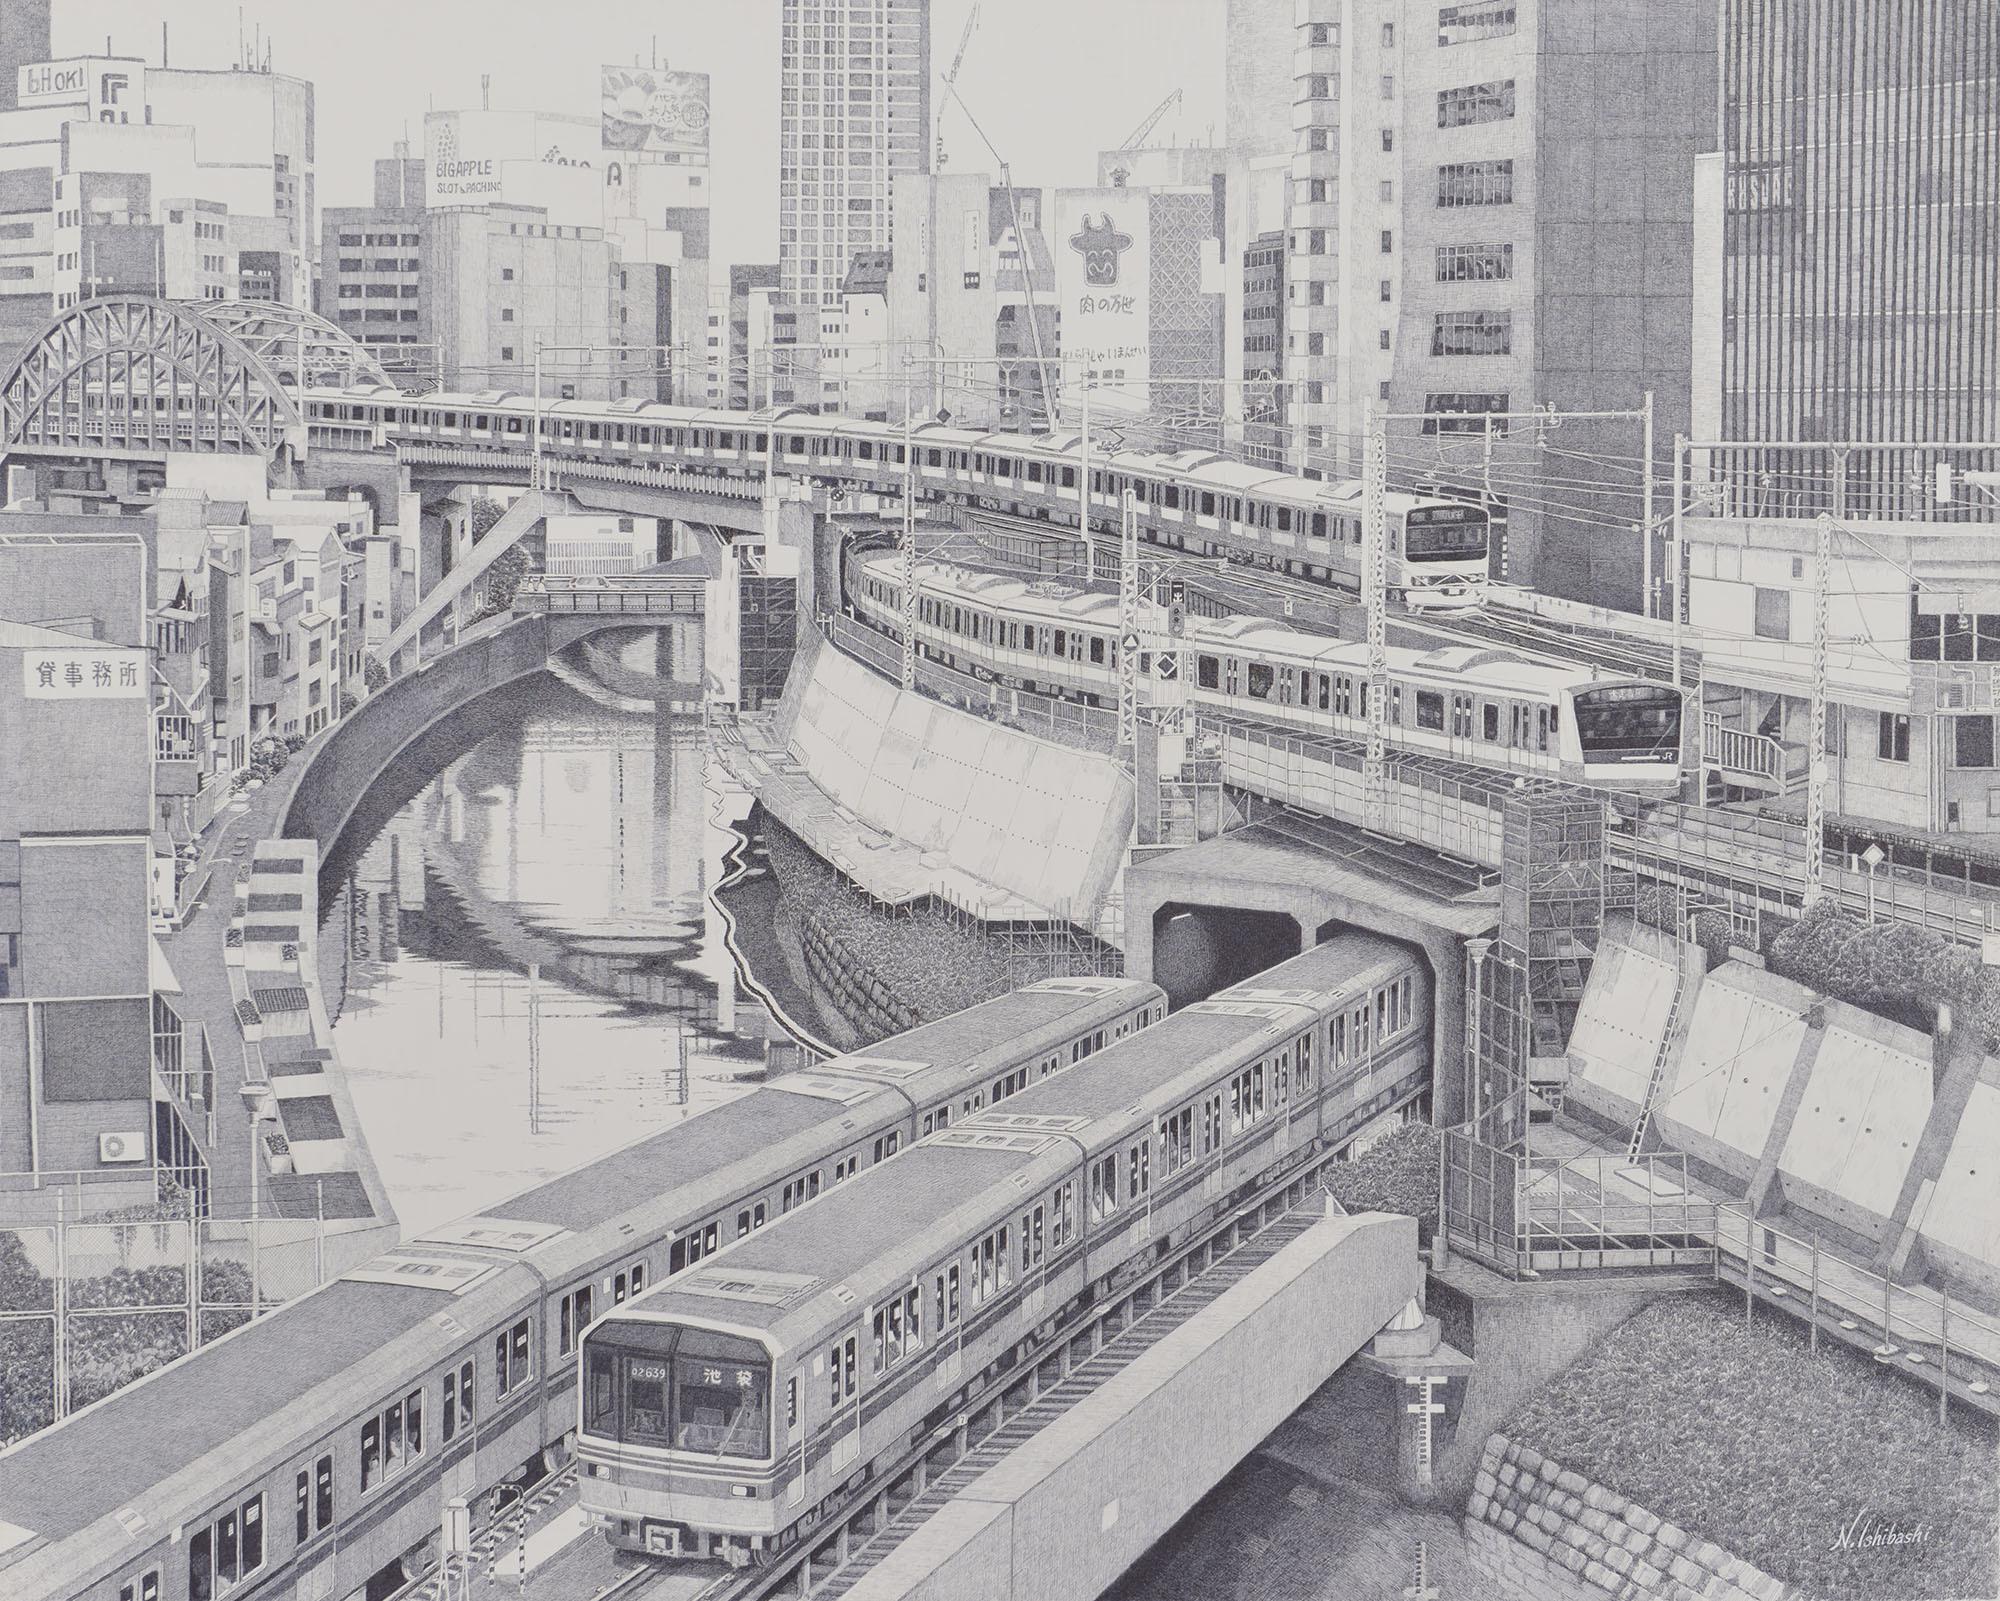 石橋 暢之(いしばし のぶゆき) 《ジオラマの様な風景》2016 年 ボールペン画 130×162 ㎝ 1944 年生まれ